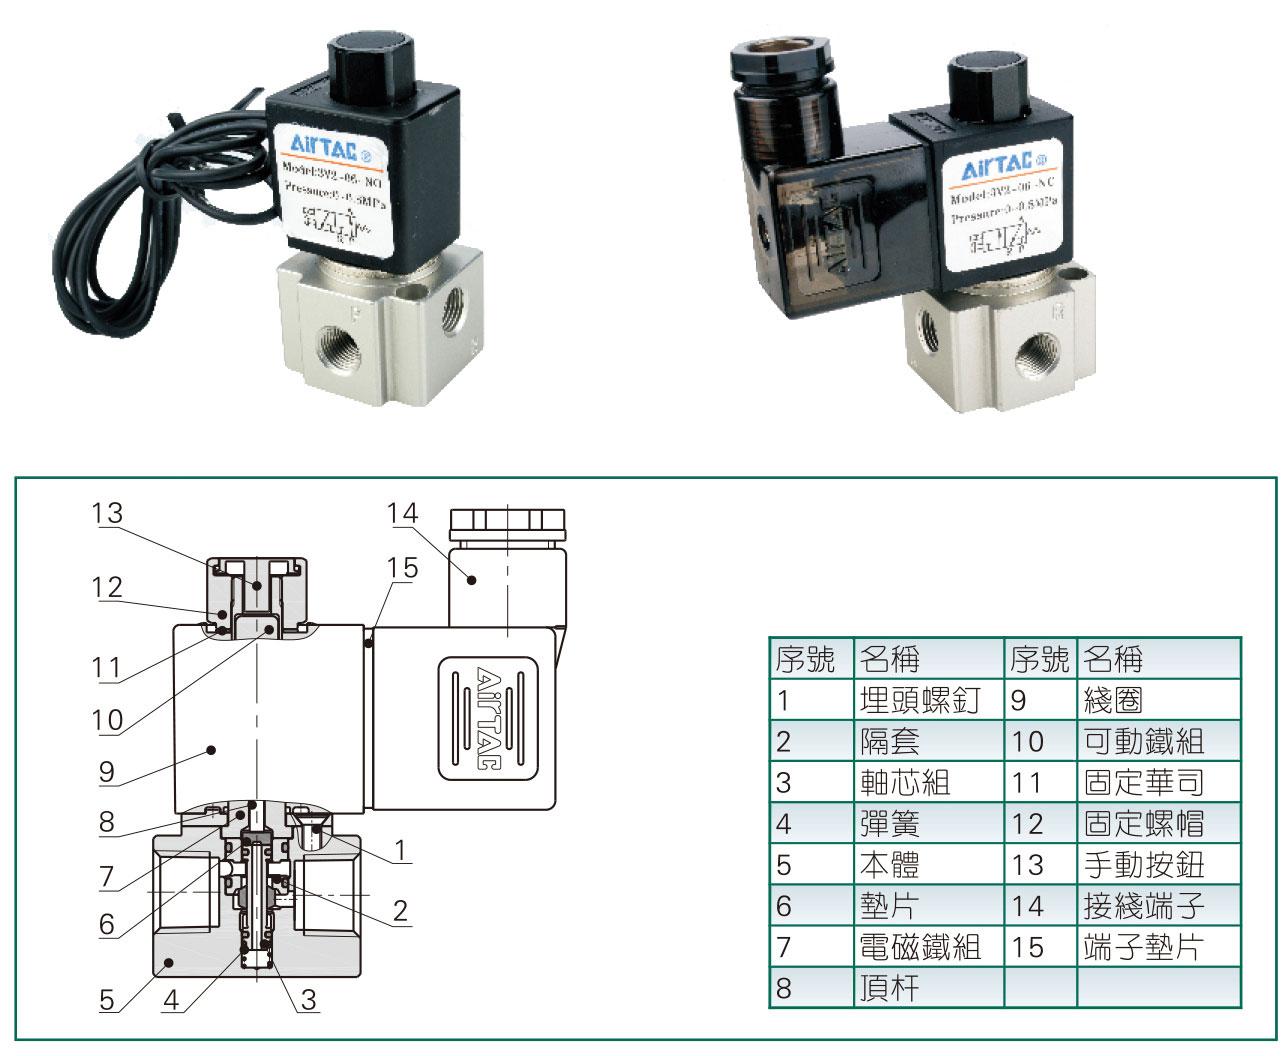 亚德客3通电磁阀,直动常开型,pt1/8,3v208-no-b图片